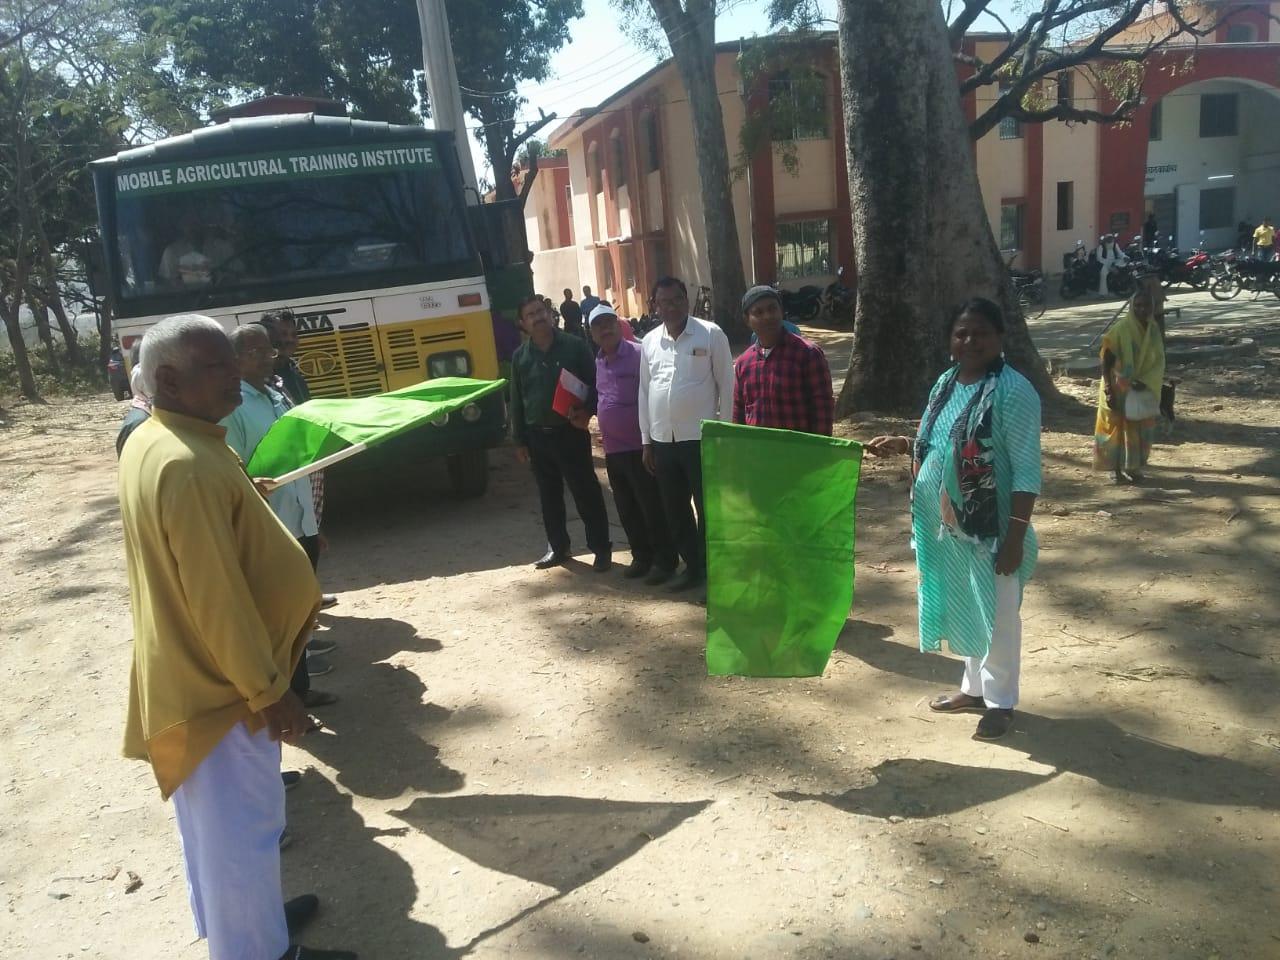 प्रखंड कार्यालय बरकट्ठा से चलंत कृषि वाहन को झंडा दिखाकर प्रखंड विकास पदाधिकारी ने किया रवाना